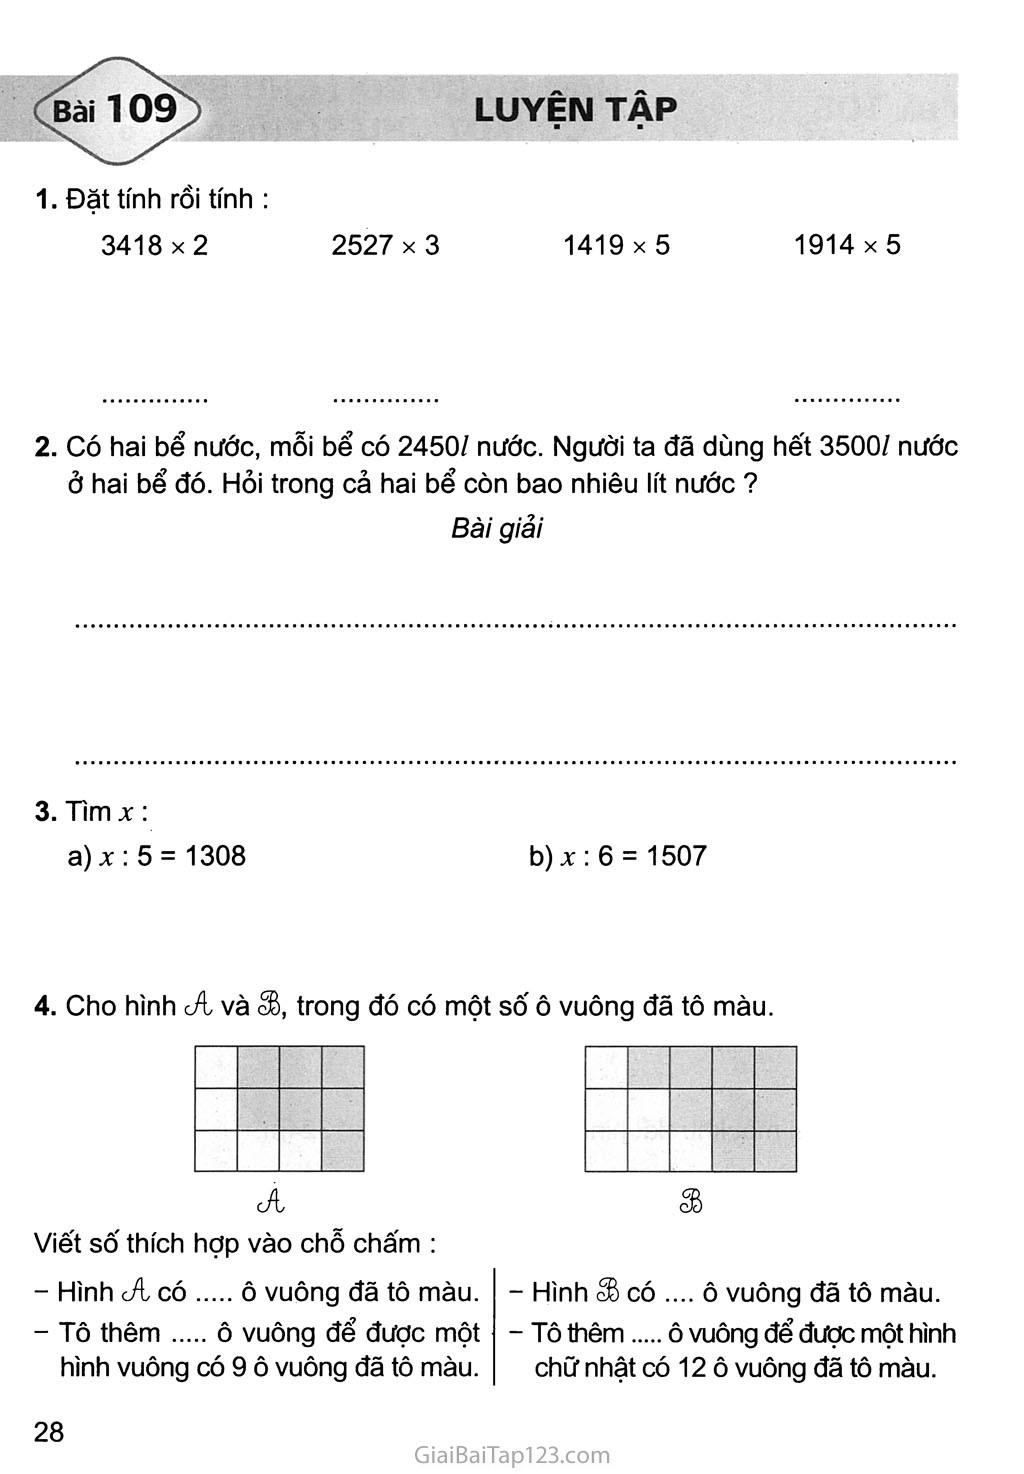 Bài 109: Luyện tập trang 1